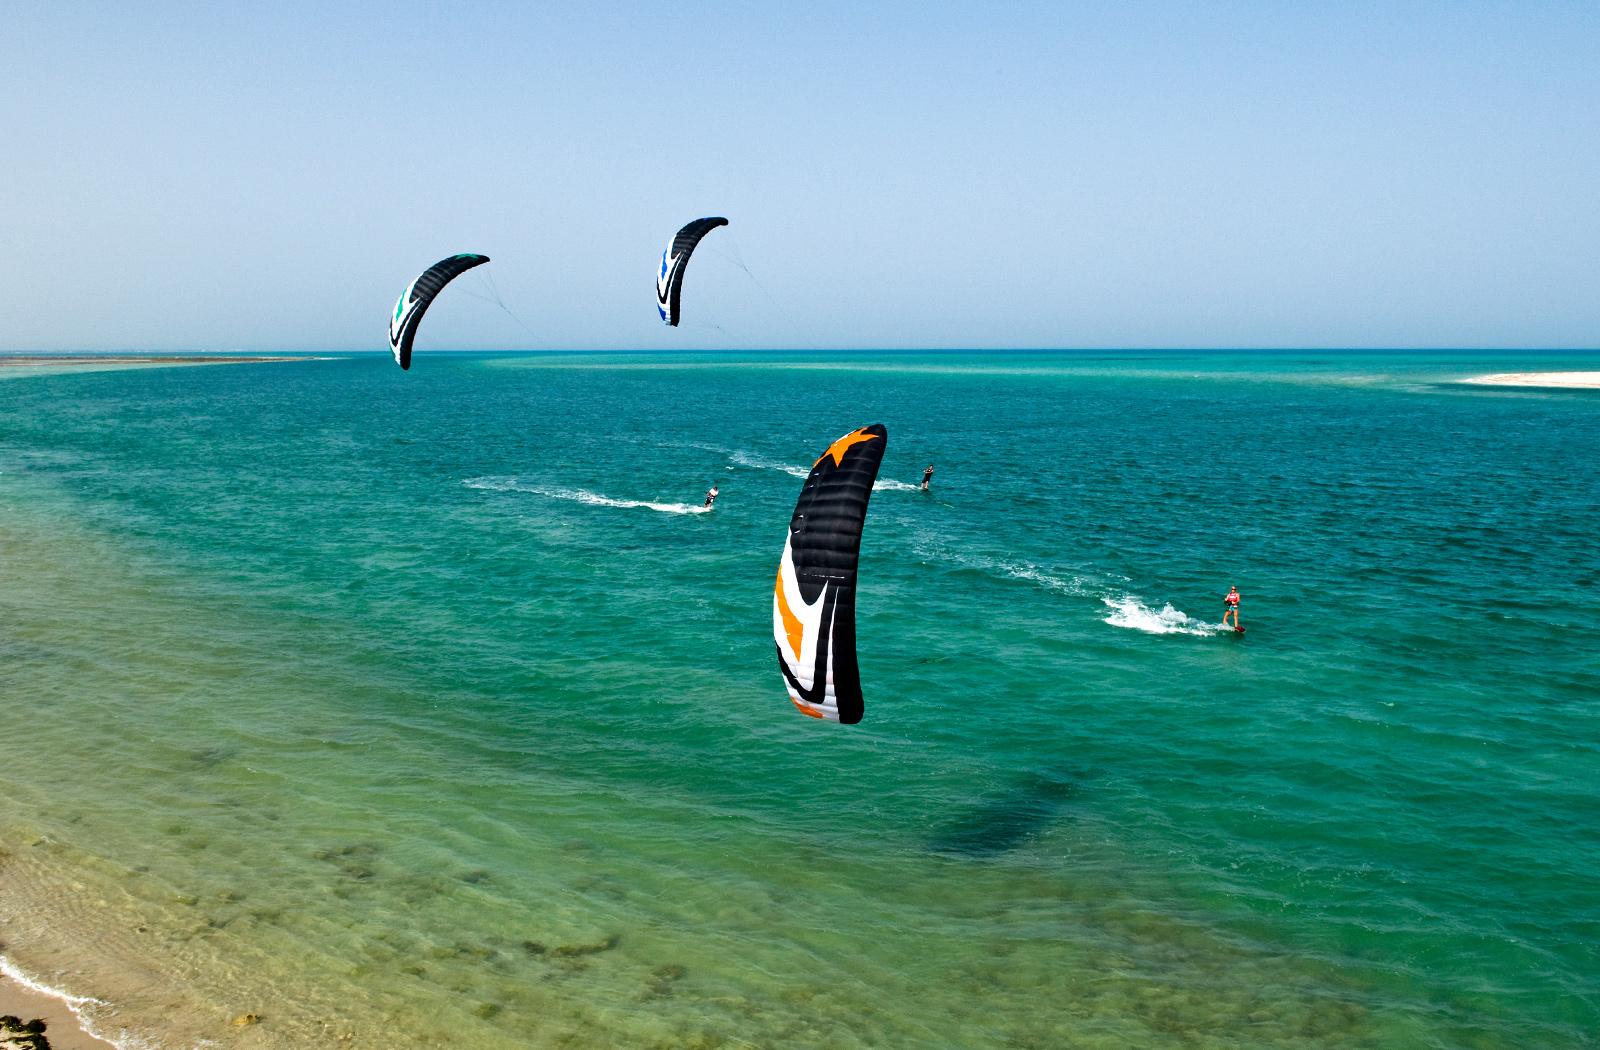 PSYCHO4 - Flysurfer Kiteboarding